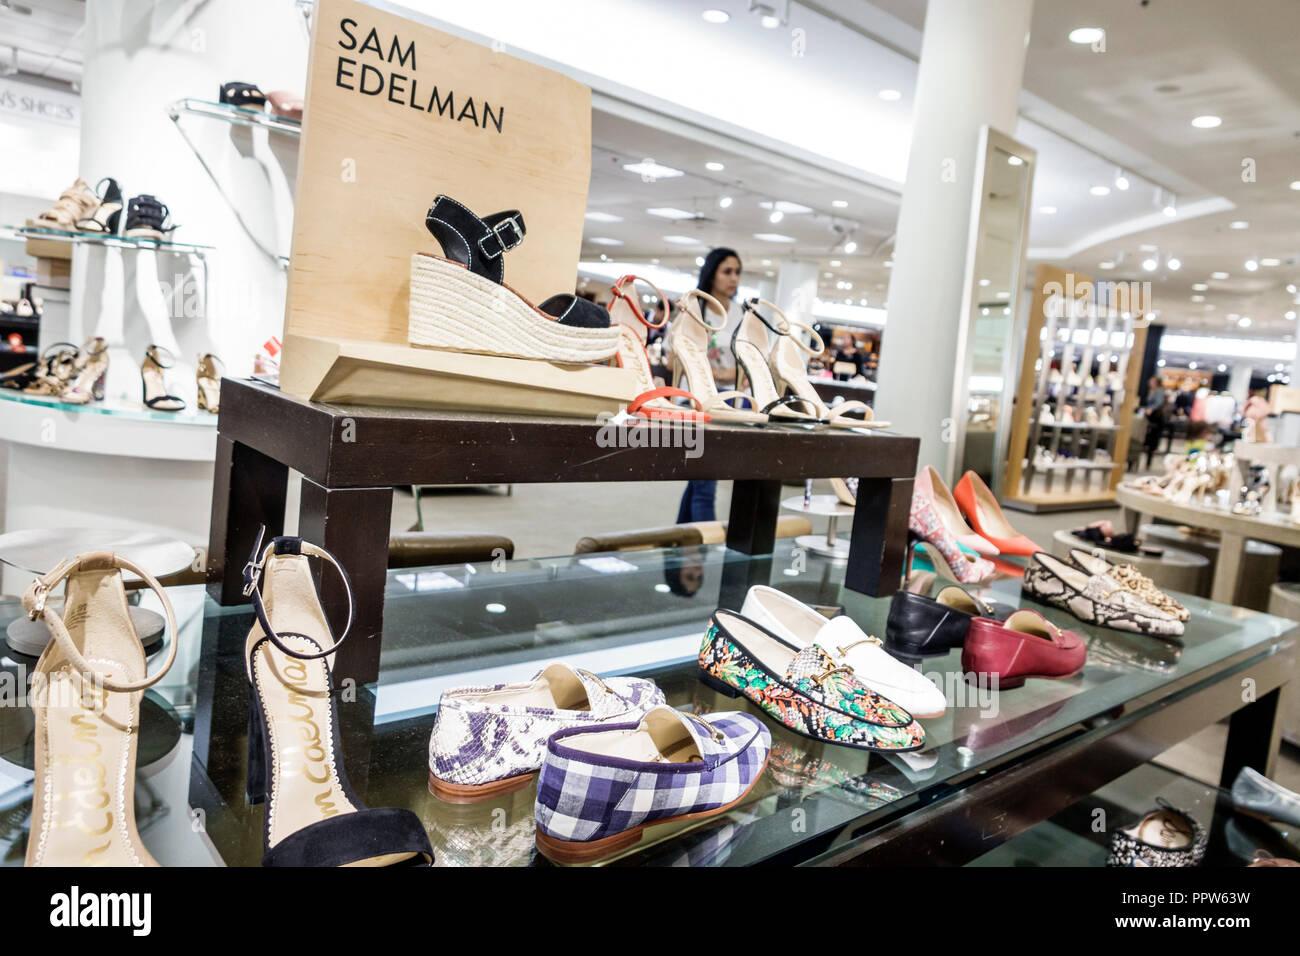 d21b0dec5c Floride Miami Dadeland Mall Kendall Nordstrom Department Store à l'intérieur  shopping Sam Edelman designer shoes women's vente d'affichage